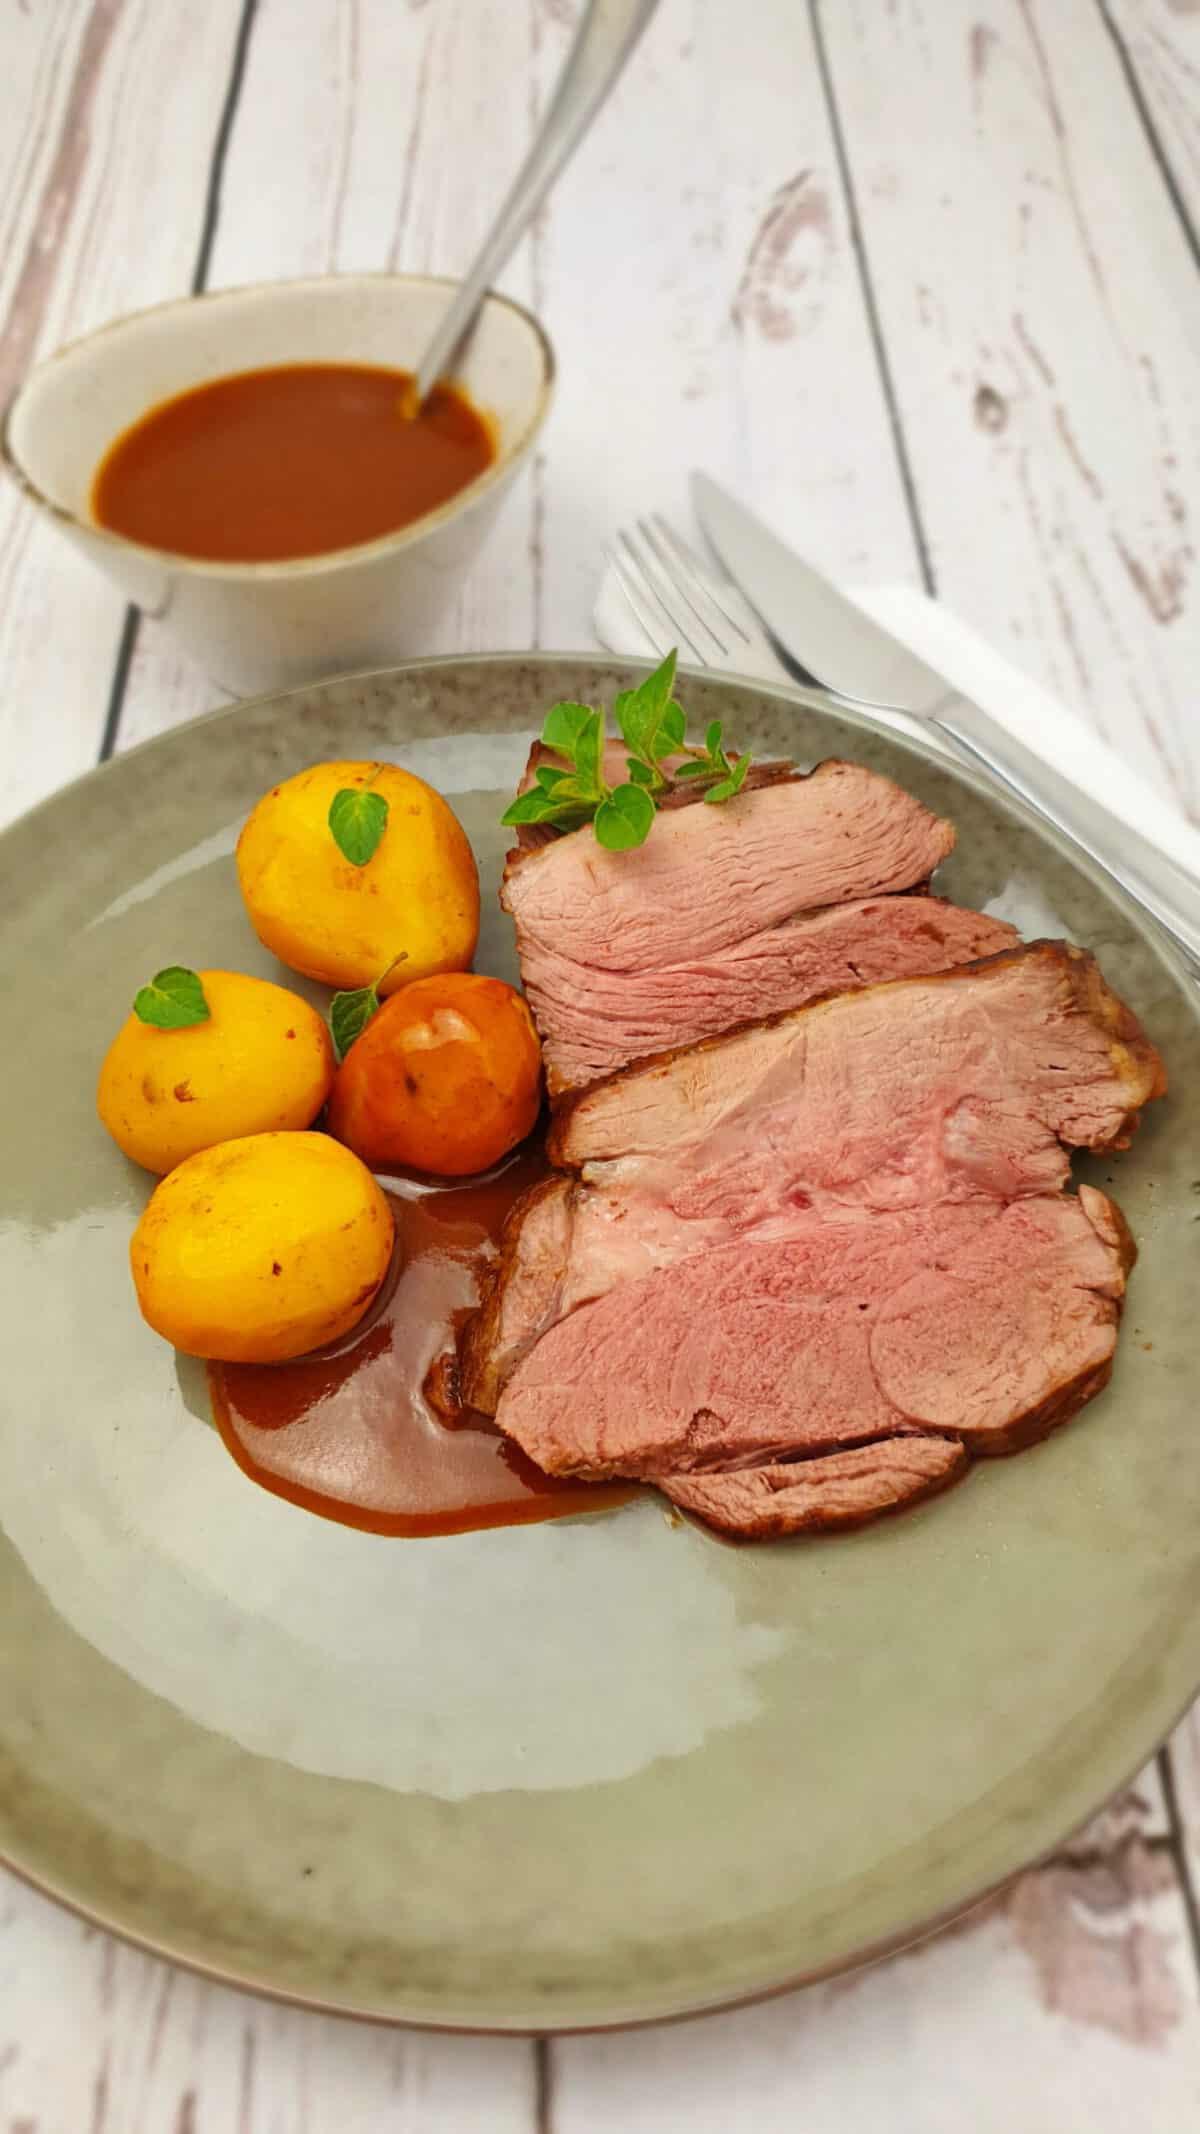 Auf einem grau-grünen Teller angerichtet eine aufgeschnittene Lammkeule mit Kartoffeln und Soße.